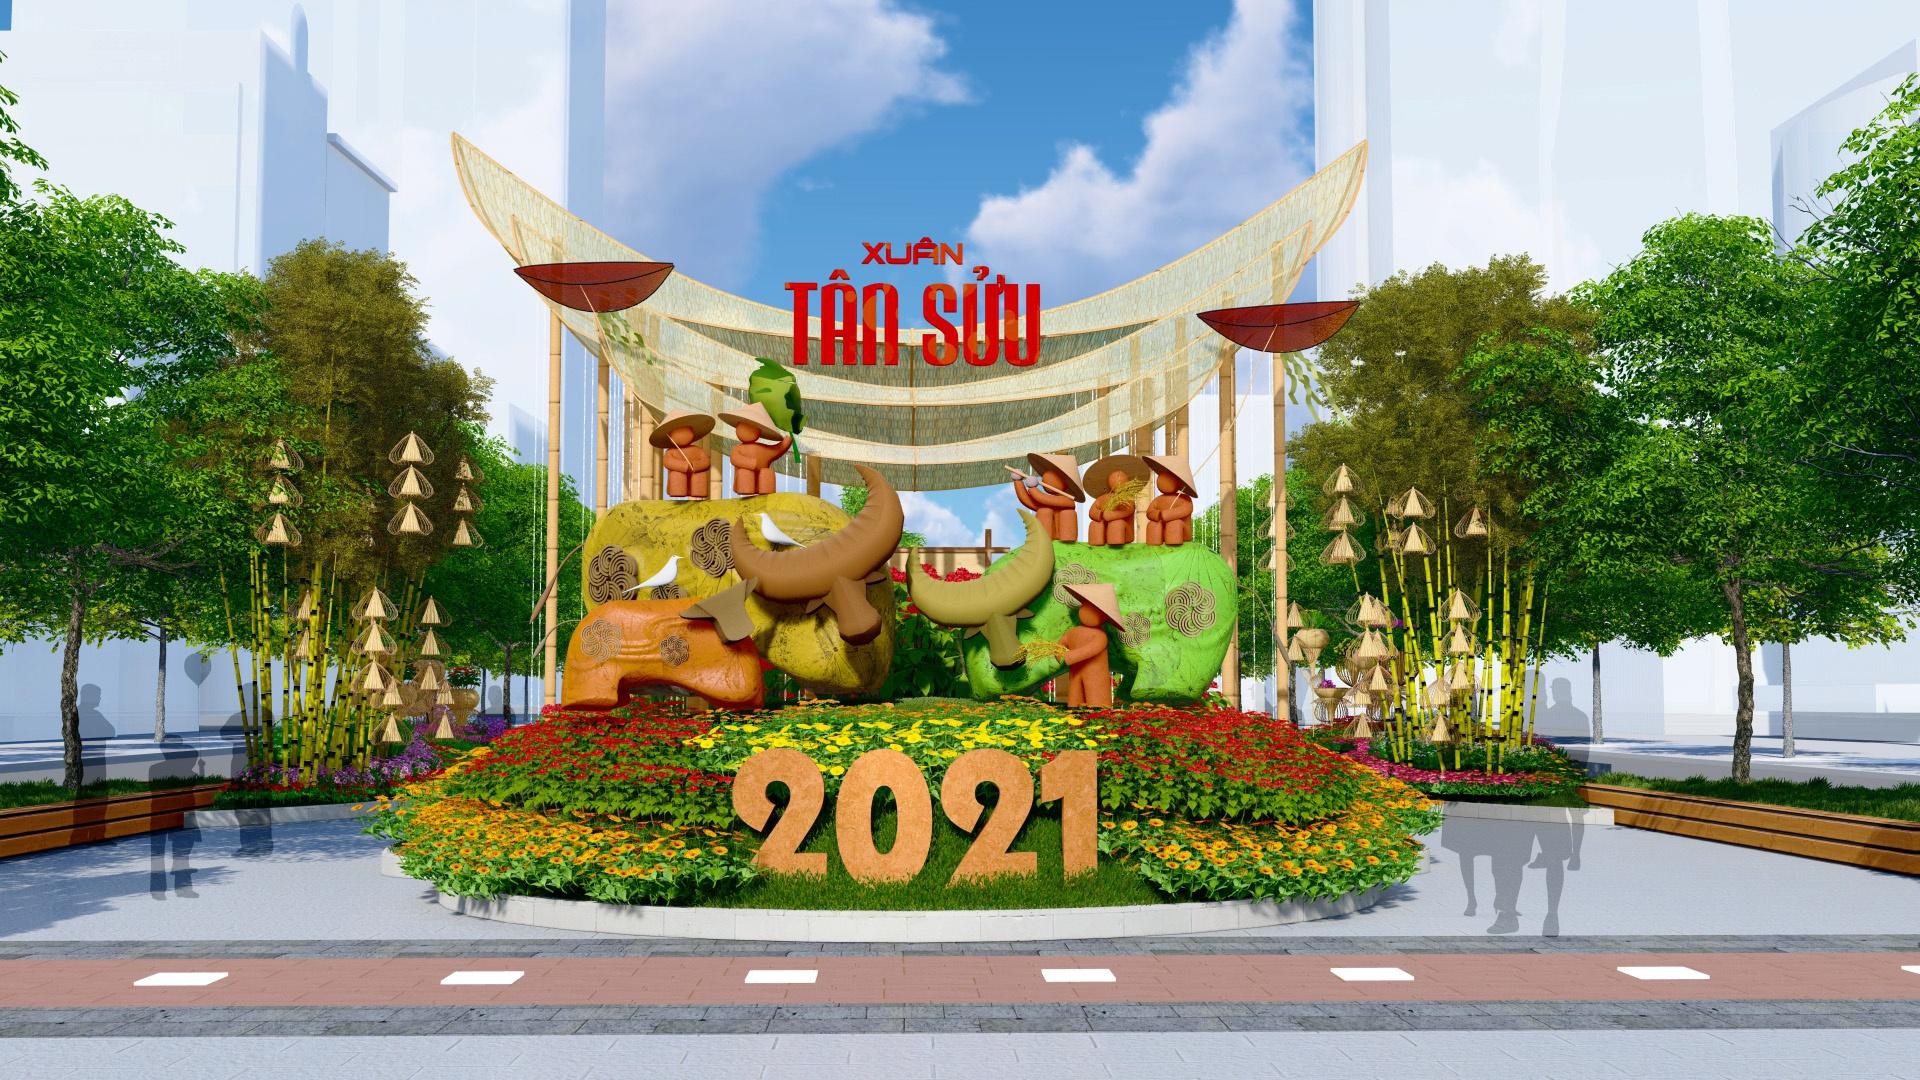 Duong hoa Nguyen Hue Tet Tan Suu 2021 anh 3